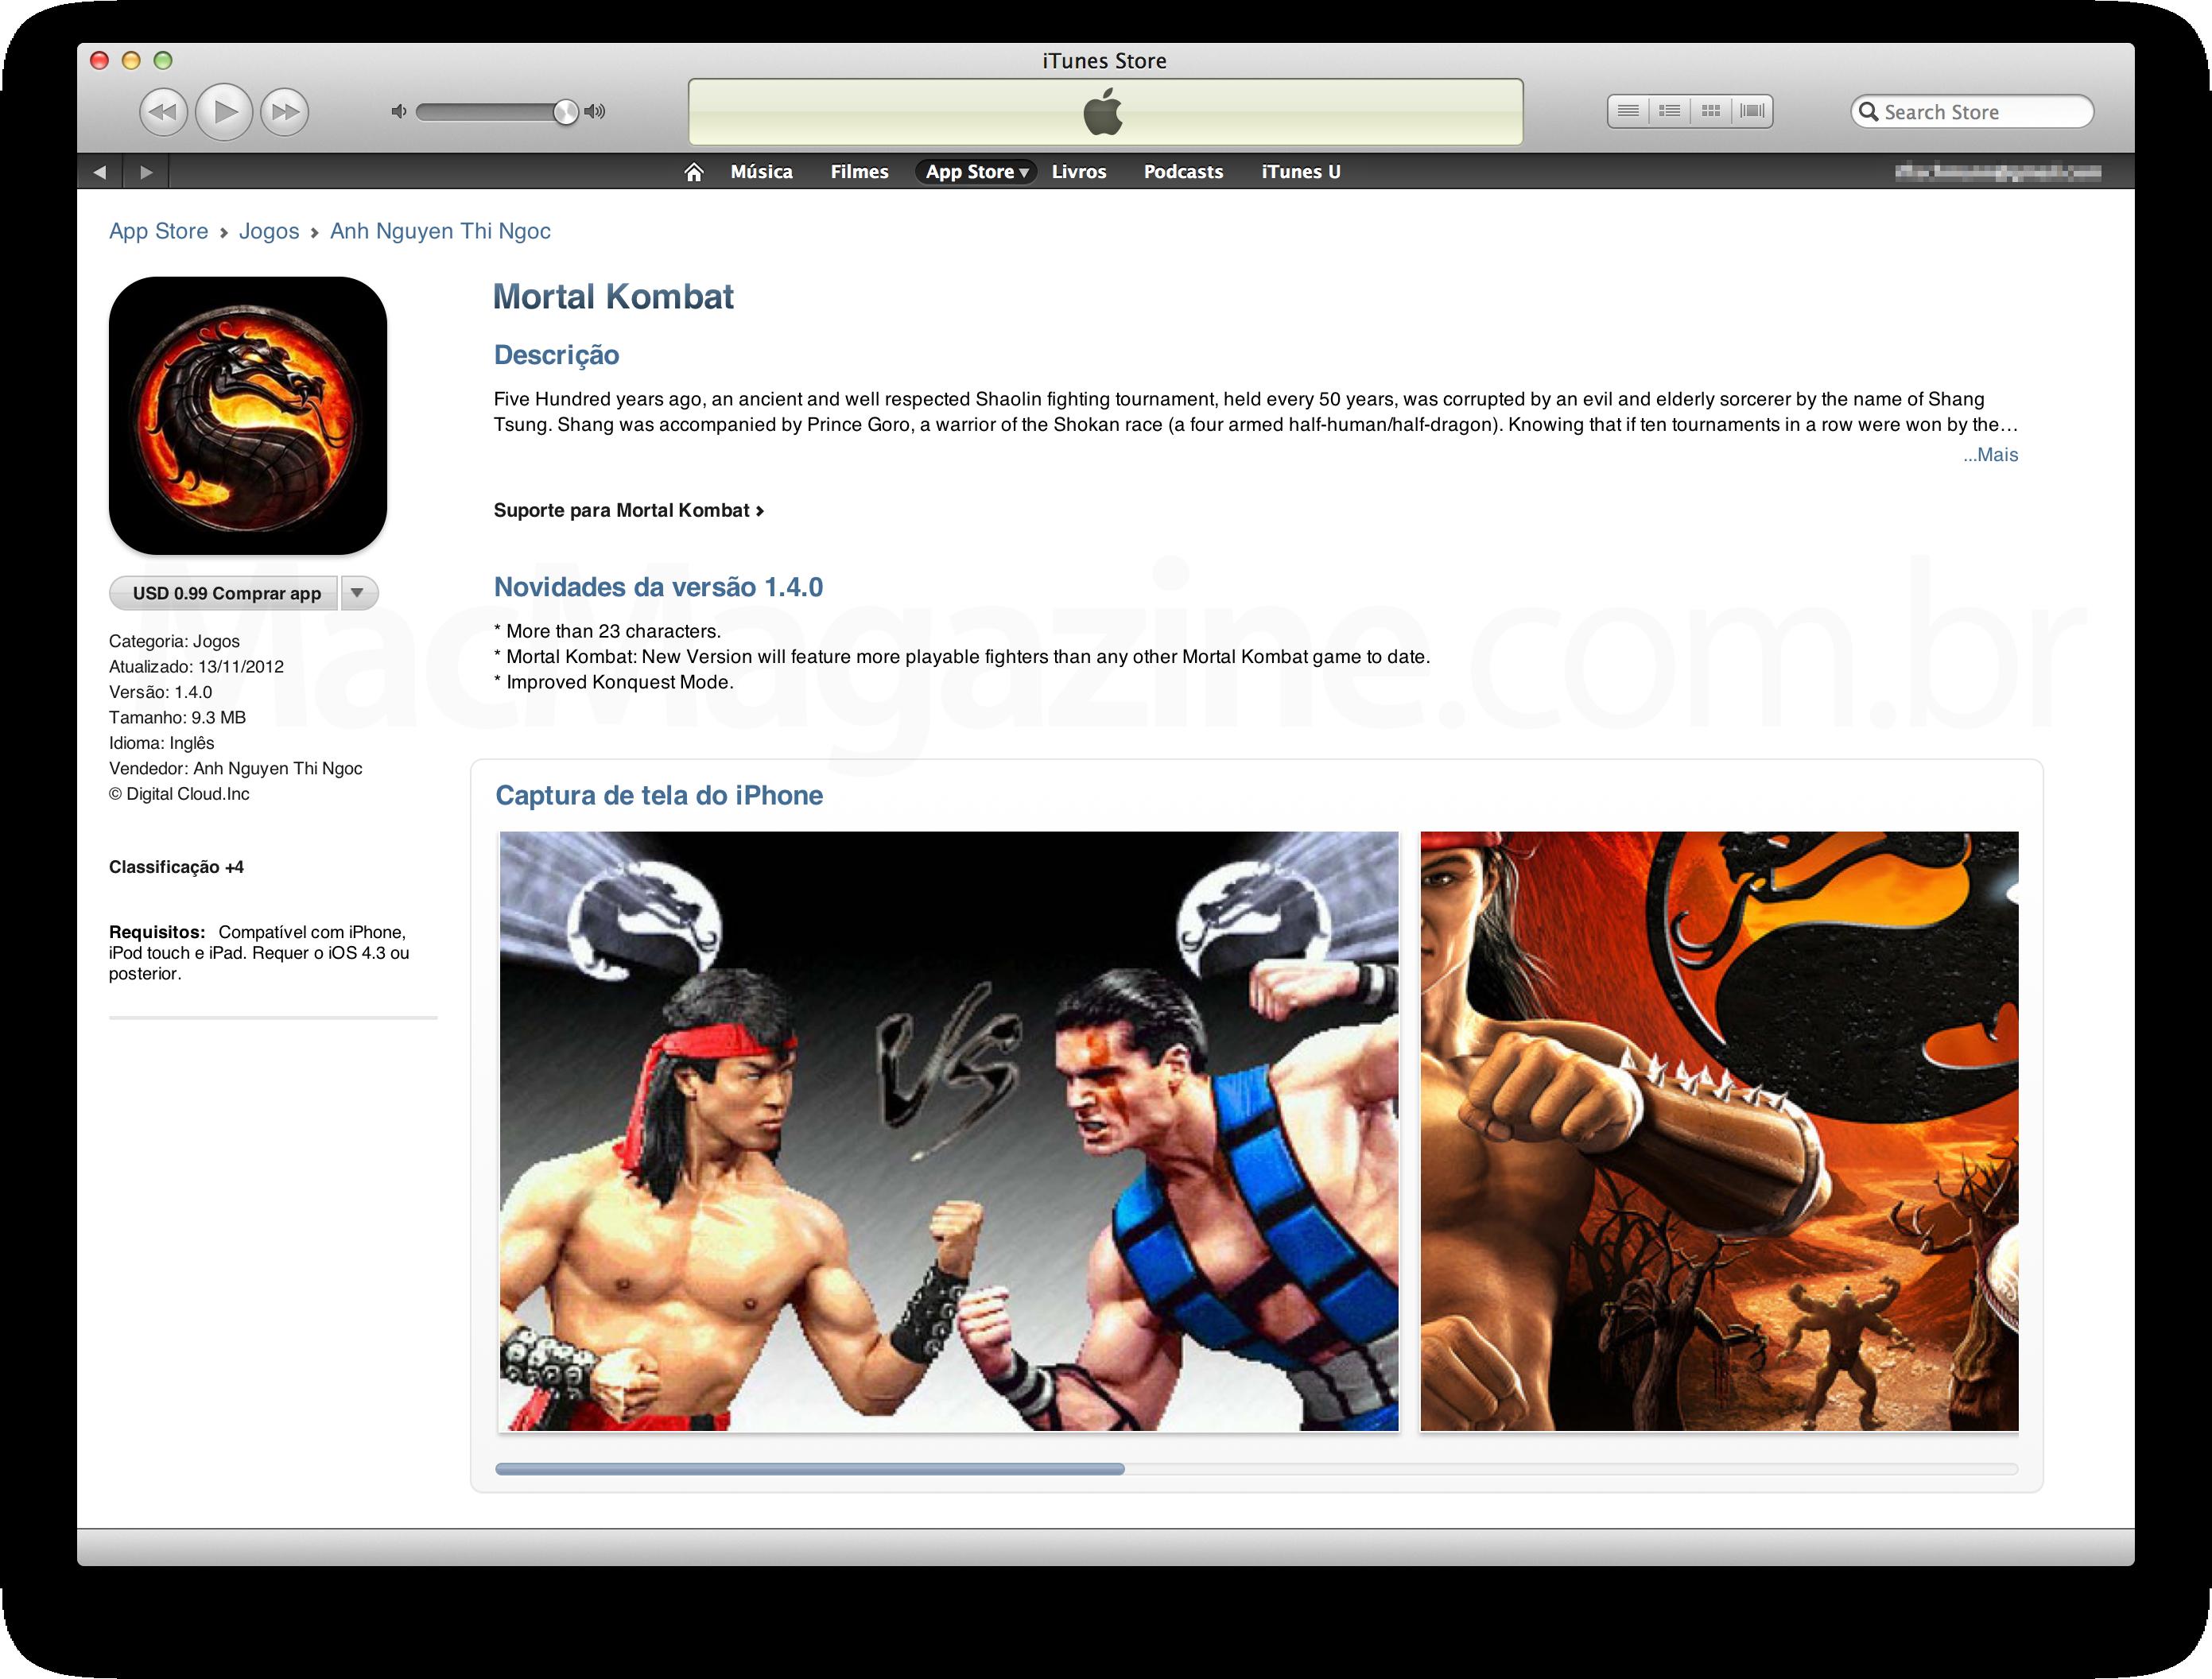 Mortal Kombat falso na App Store